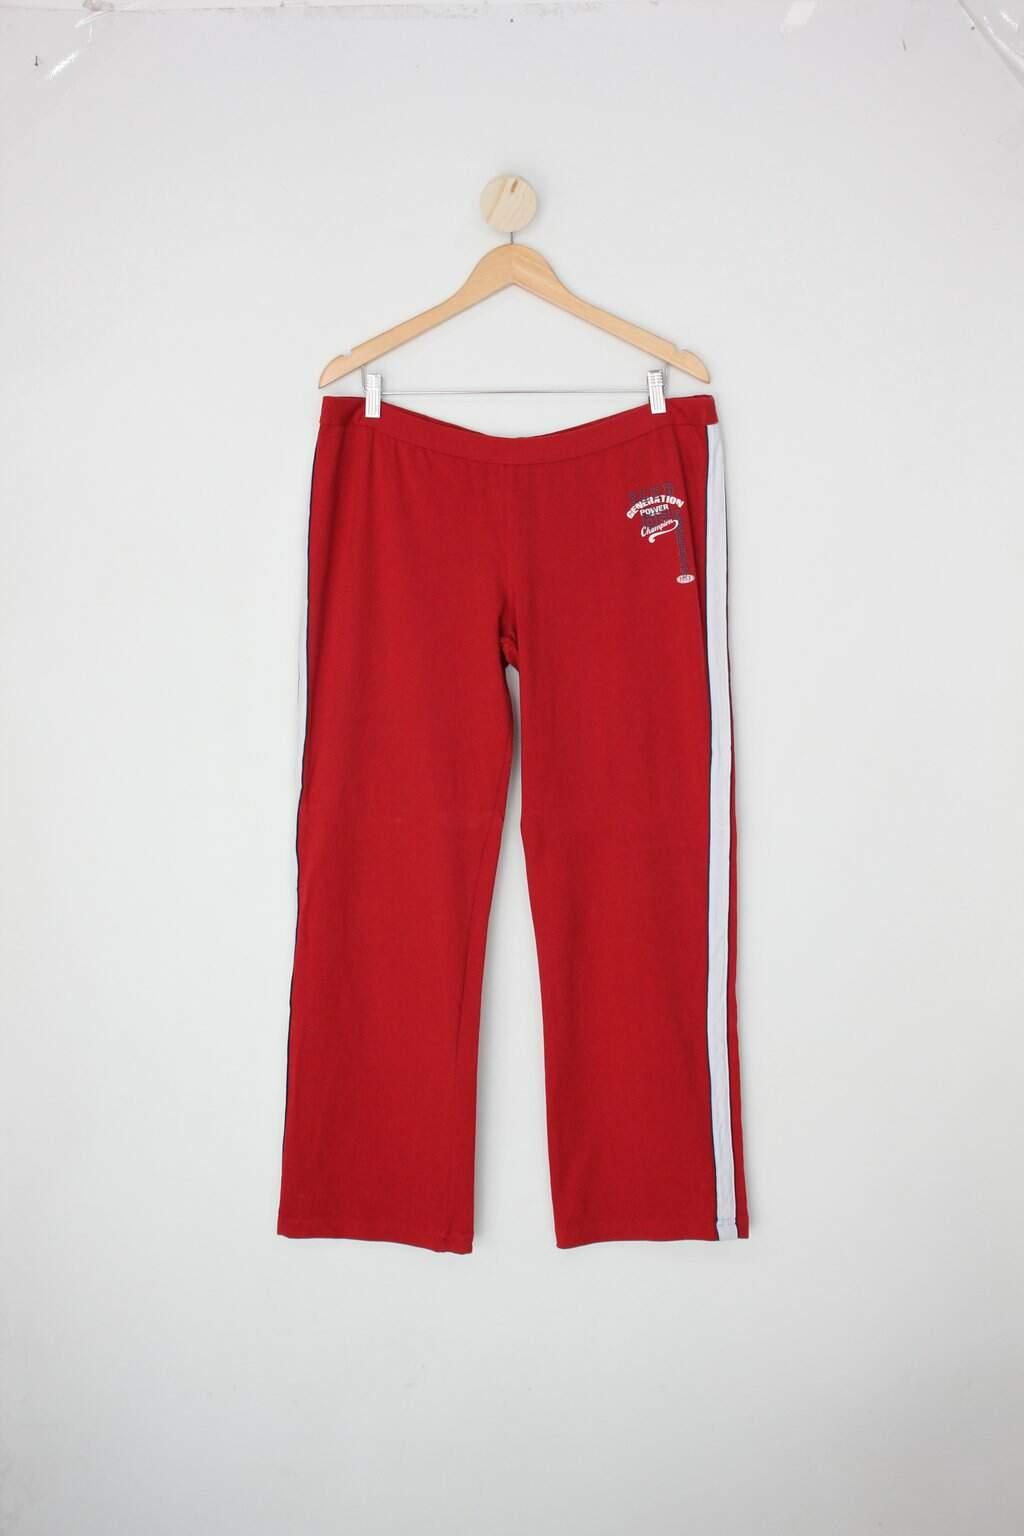 Calça De Tecido Malwee Feminina Vermelha Com Listra Lateral E Silk